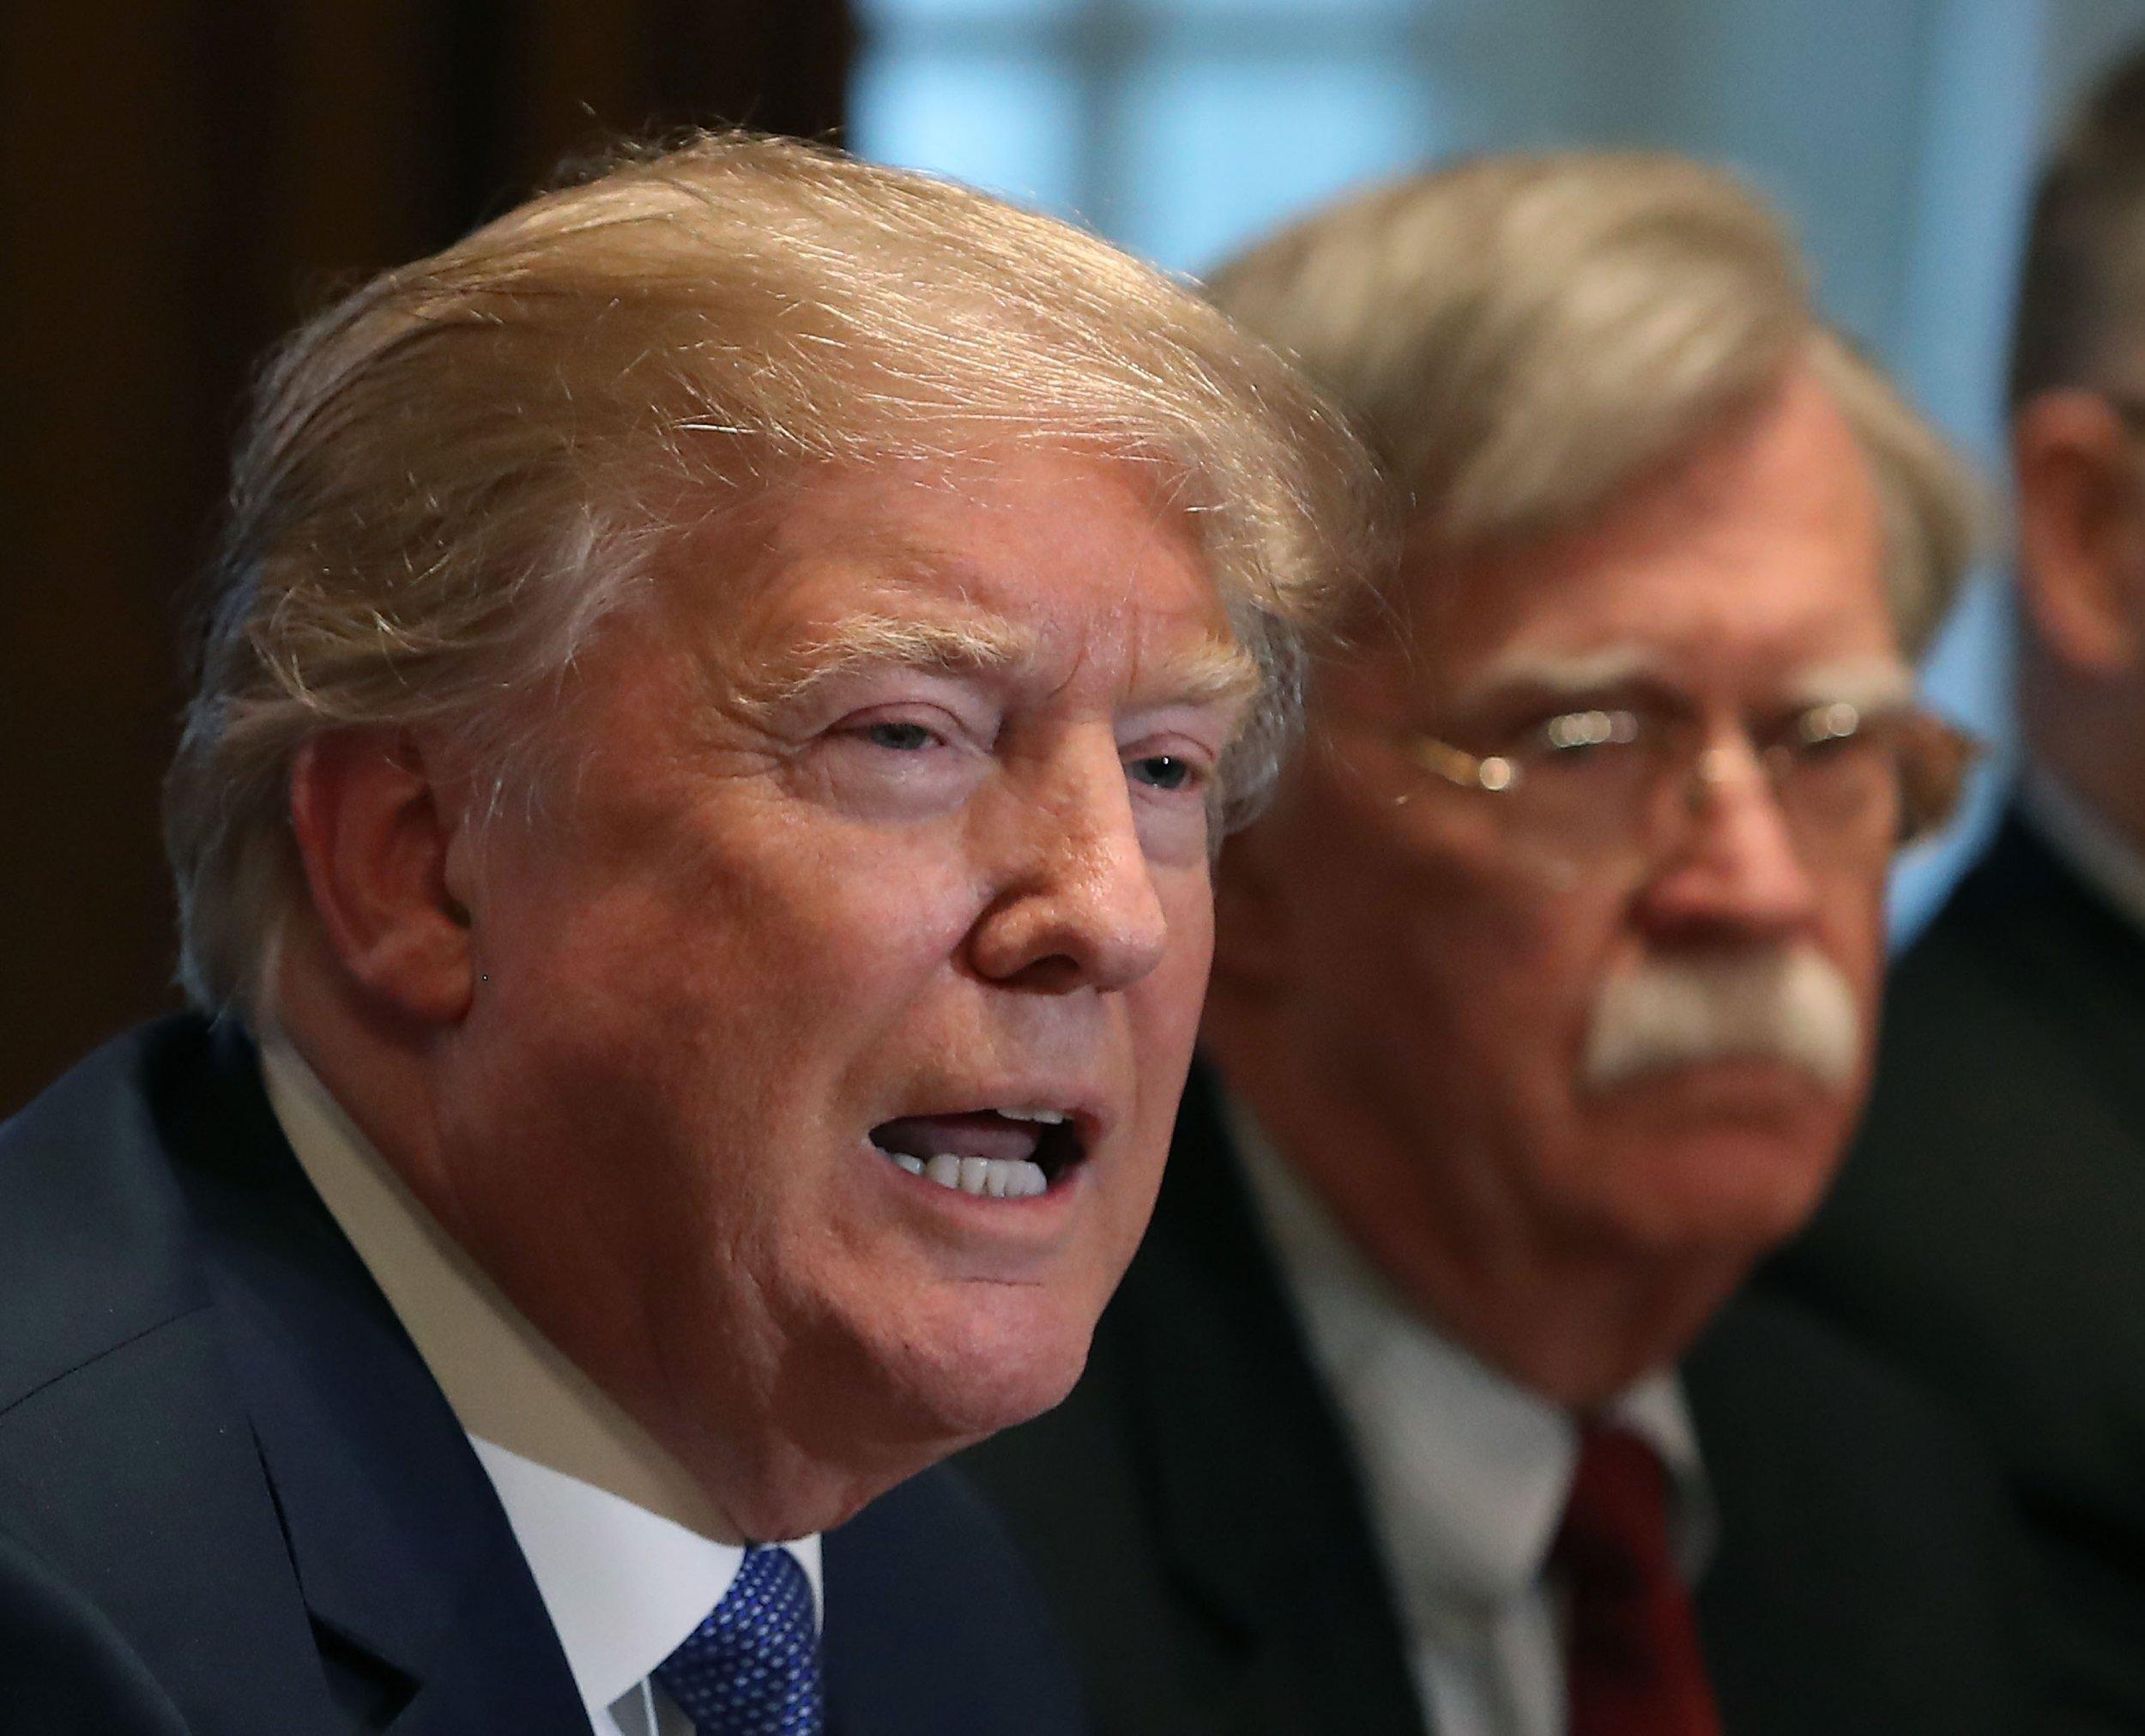 Donald Trump Iran talk deal negotiate War